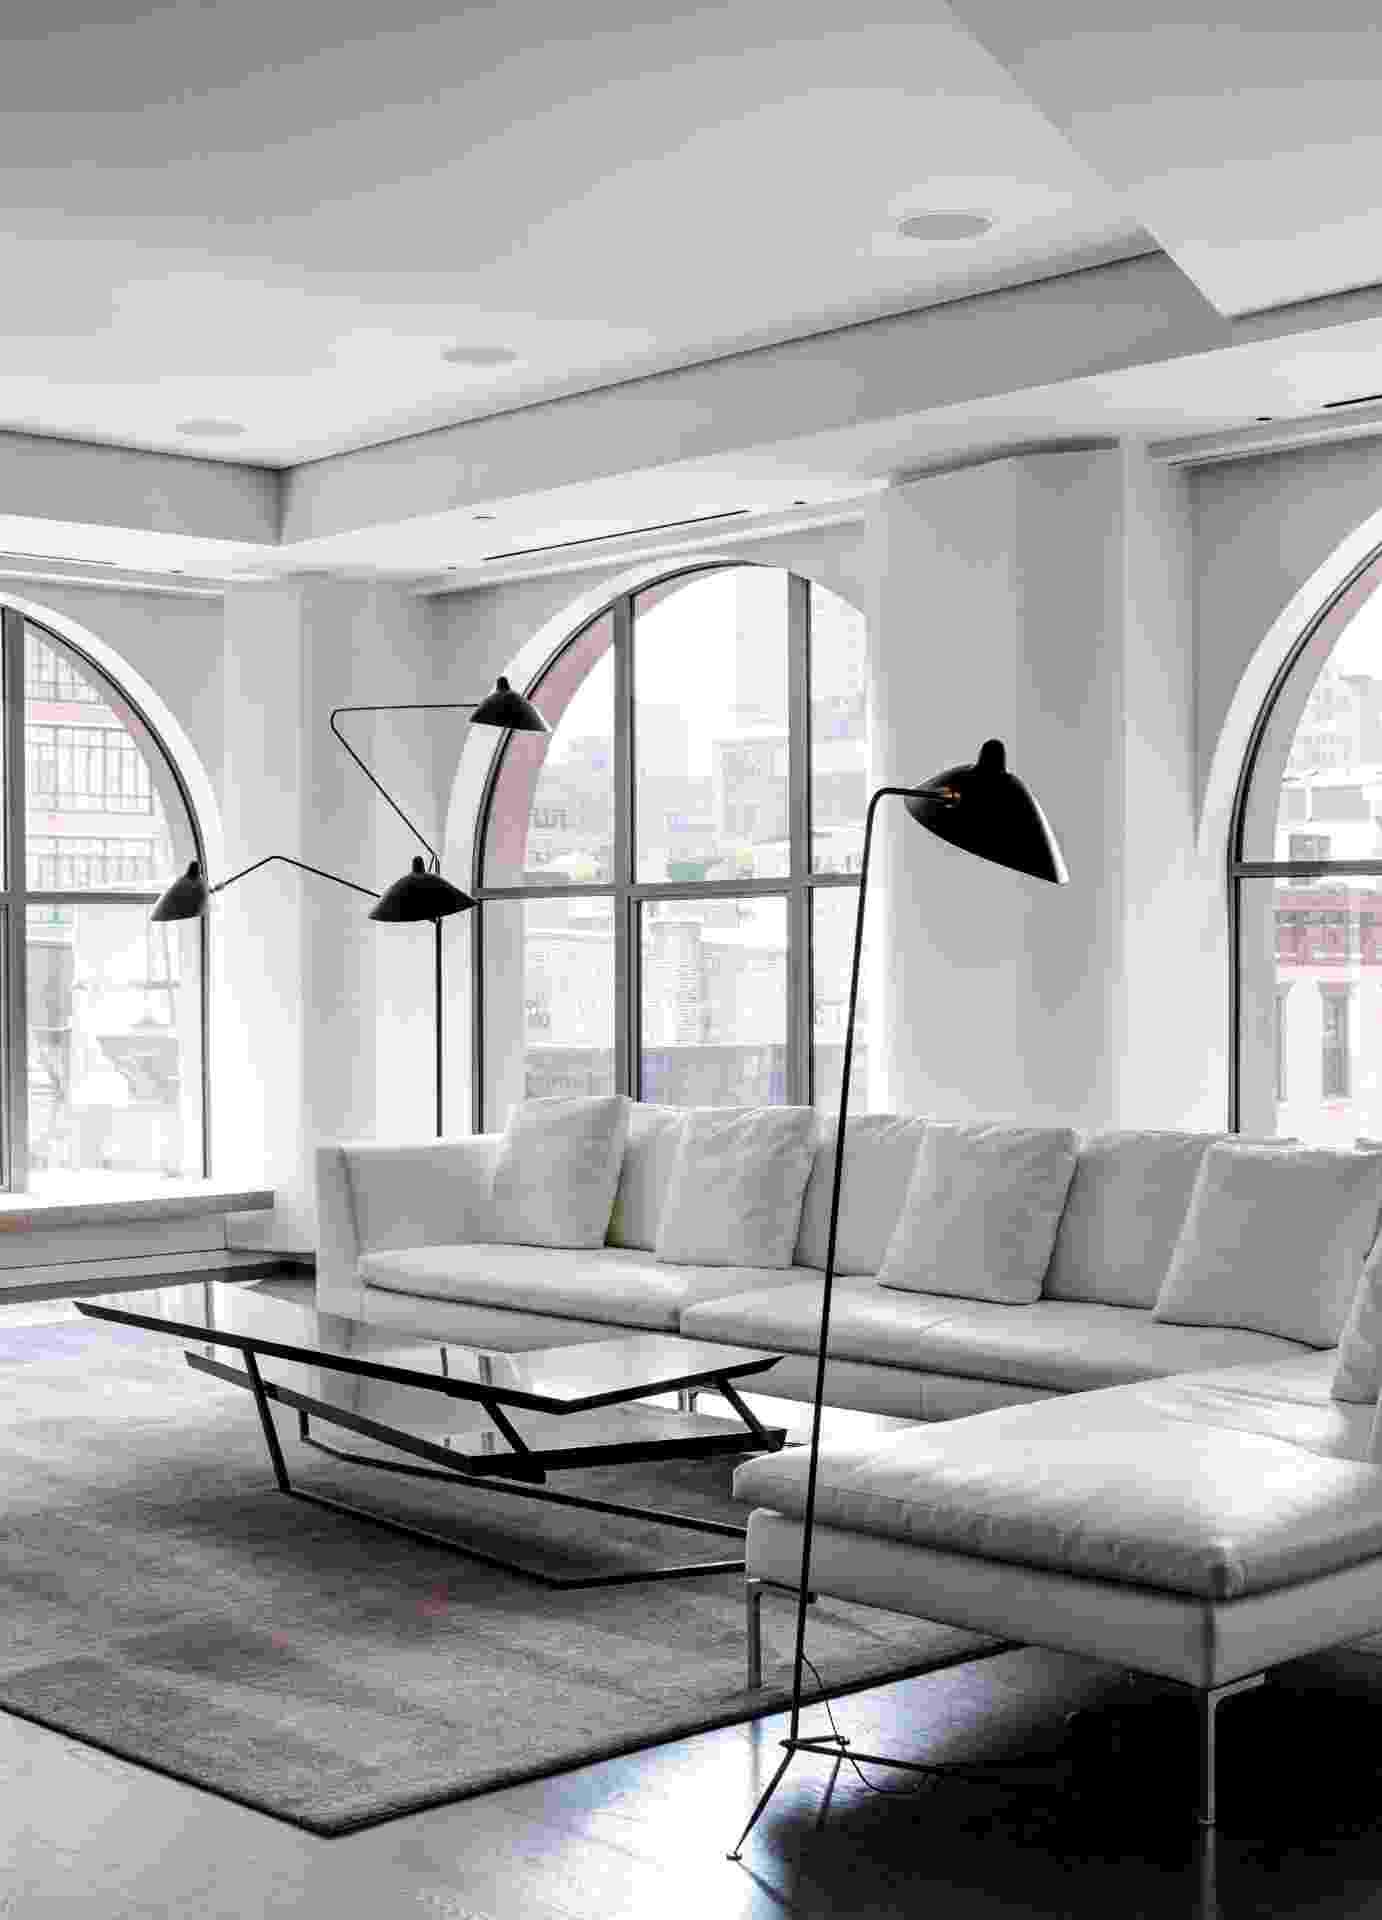 Apartamento em Tribeca - reforma (Imagem do NYT, usar apenas no respectivo material) - Bruce Buck/ The New York Times